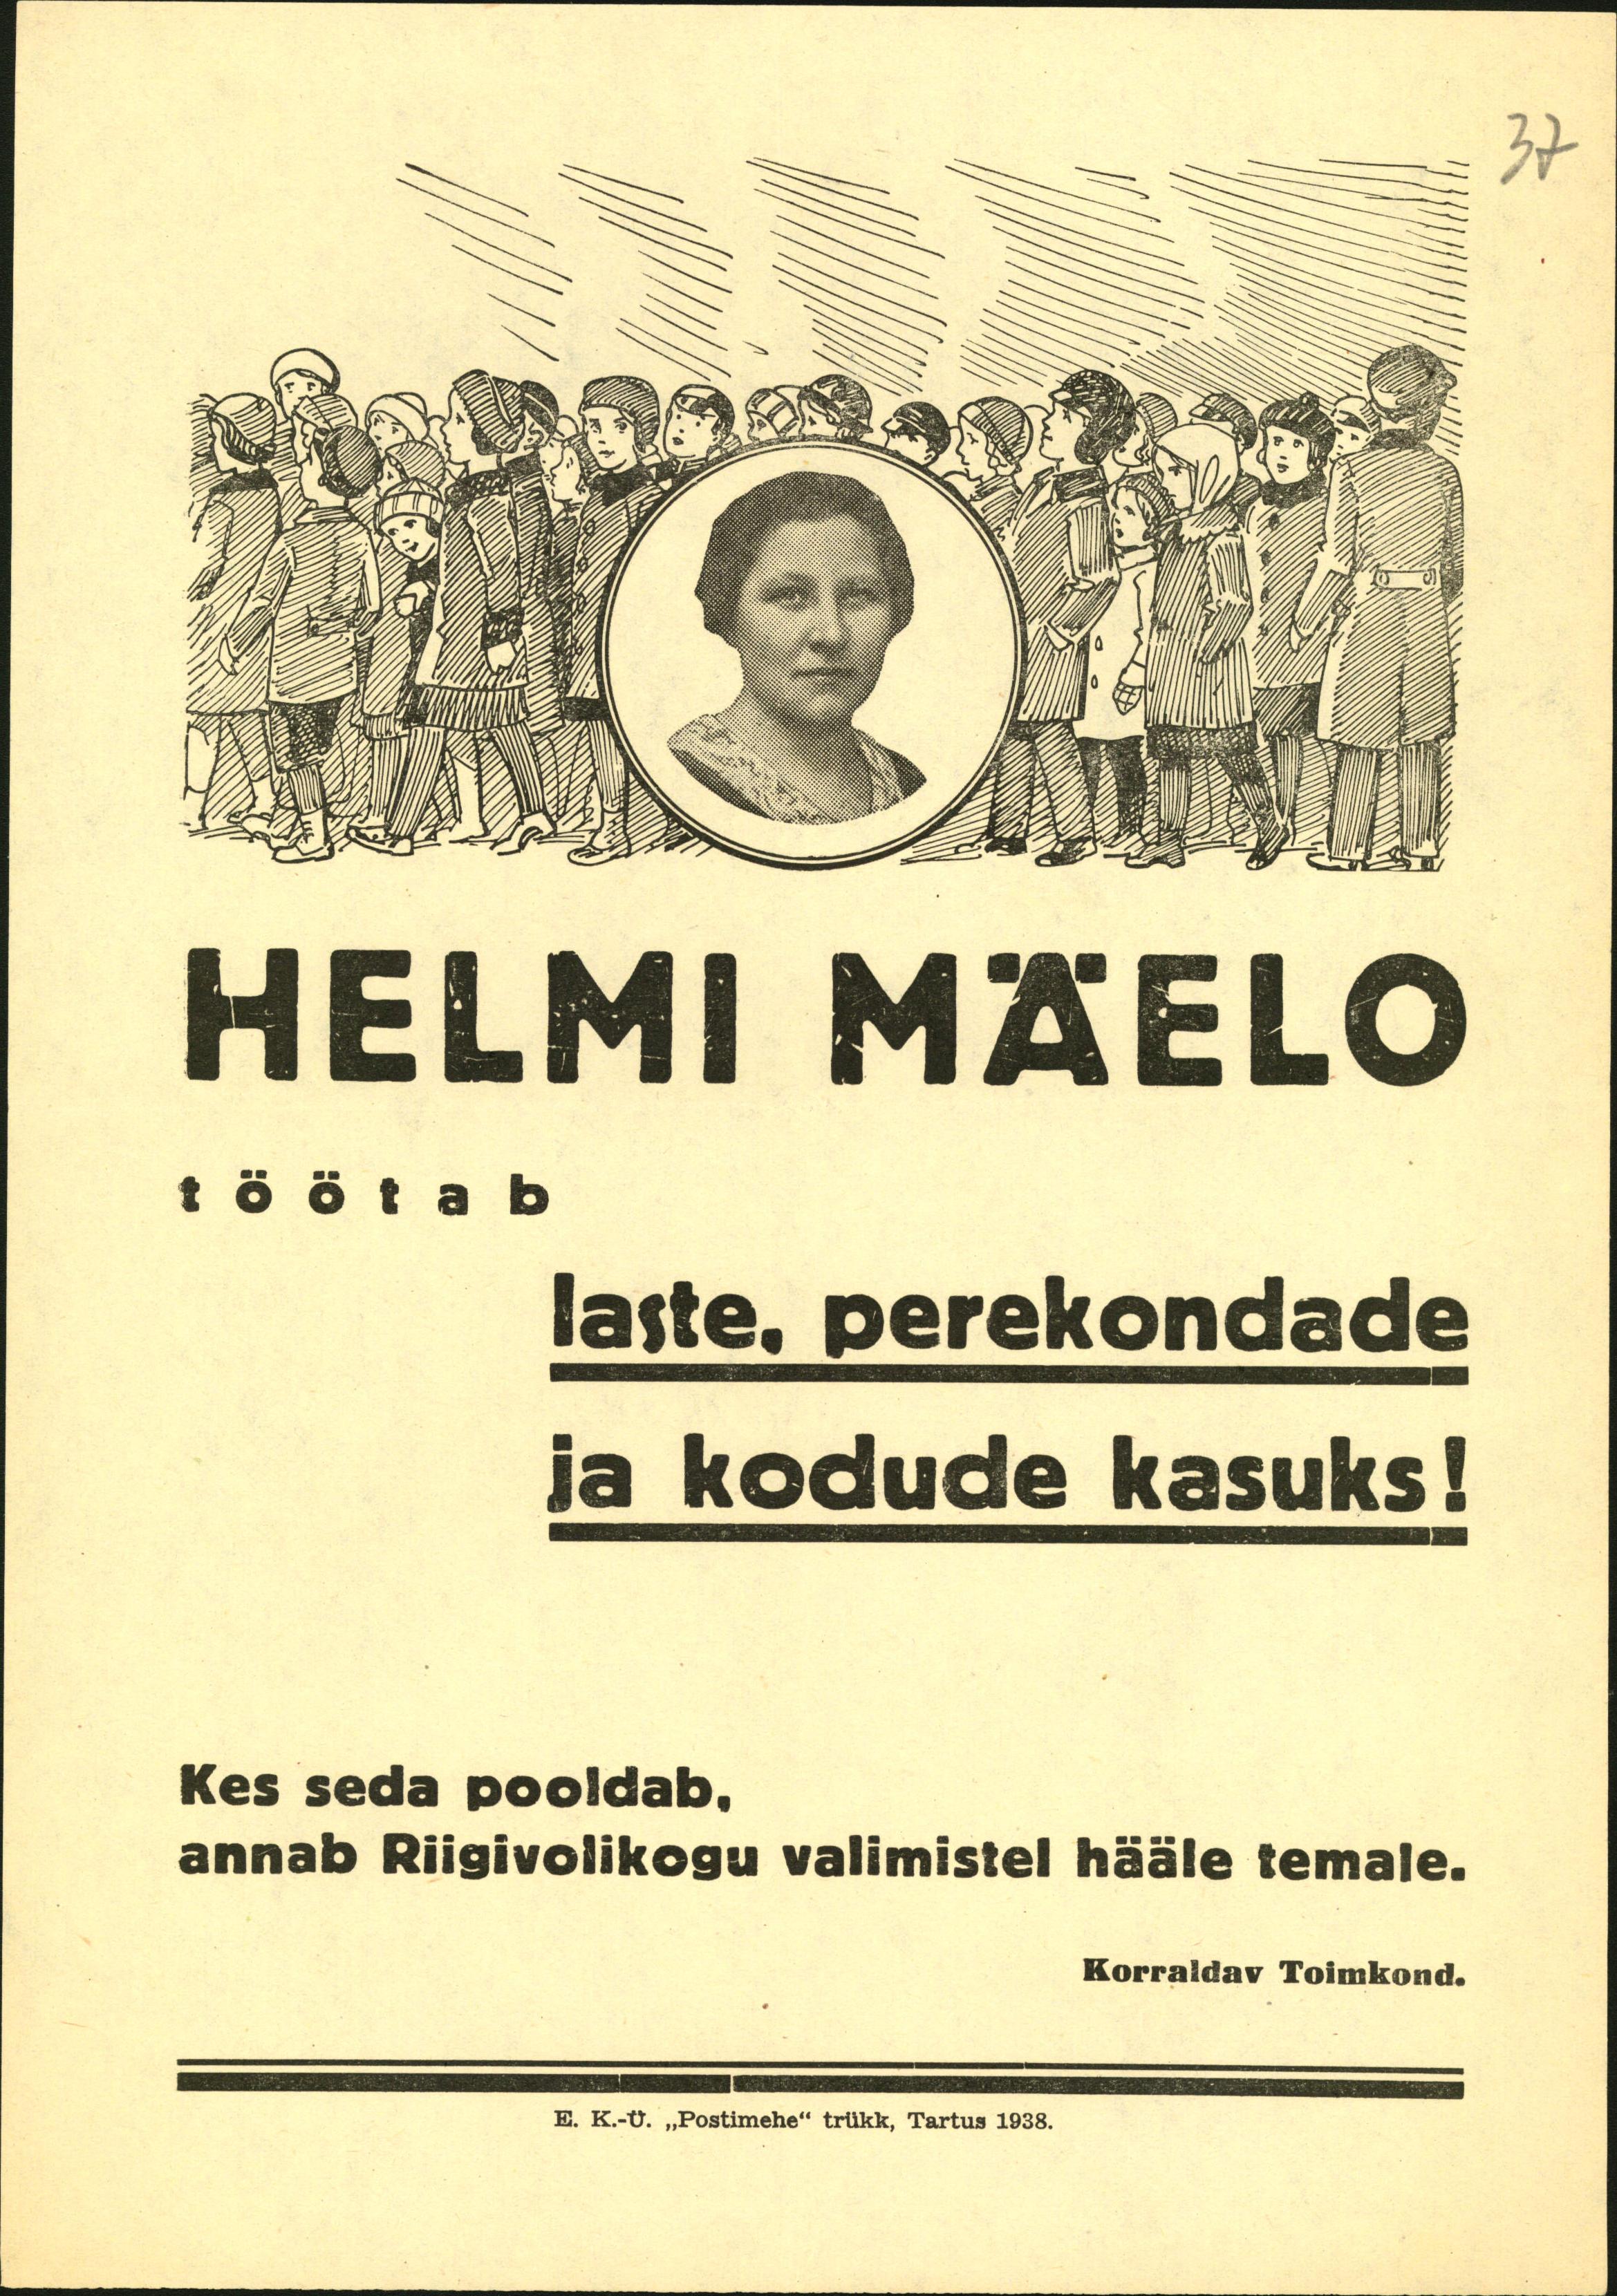 Valmisplakat 1938. aasta Riigikogu valimisteks. ERA.4392.1.44